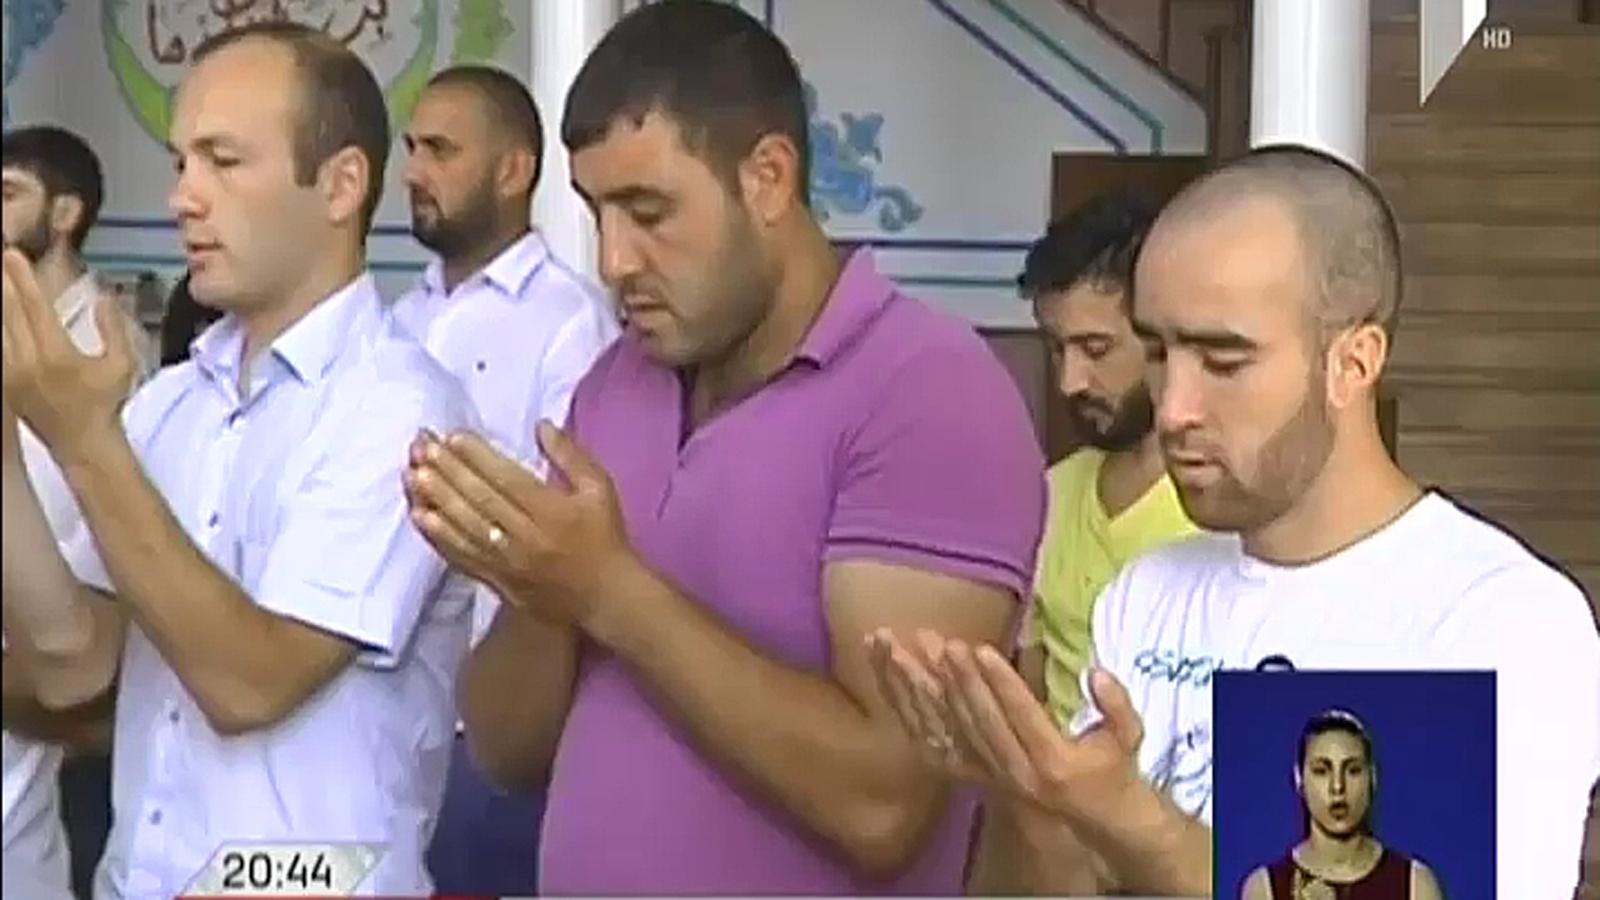 ქართველი მუსლიმები ყურბან ბაირამს აღნიშნავენ - მეჩეთებში სადღესასწაულო ლოცვა აღევლინა